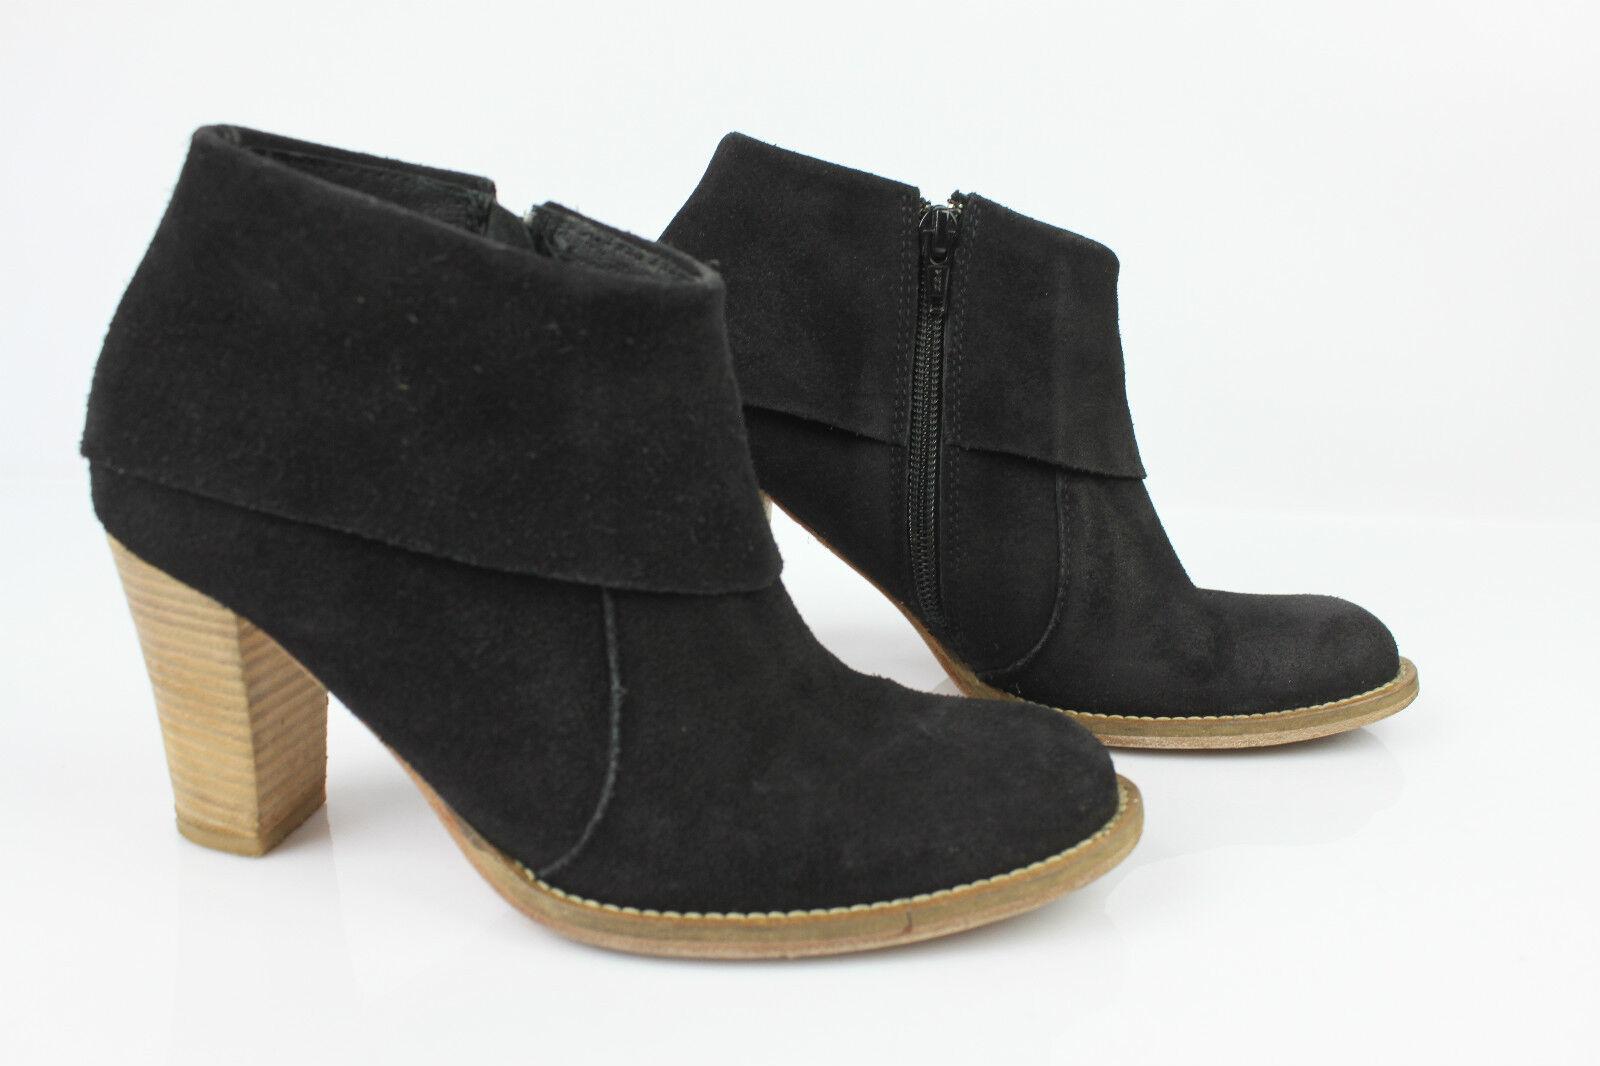 Bottines Boots MINELLI Tout Cuir Daim black T 36 TBE